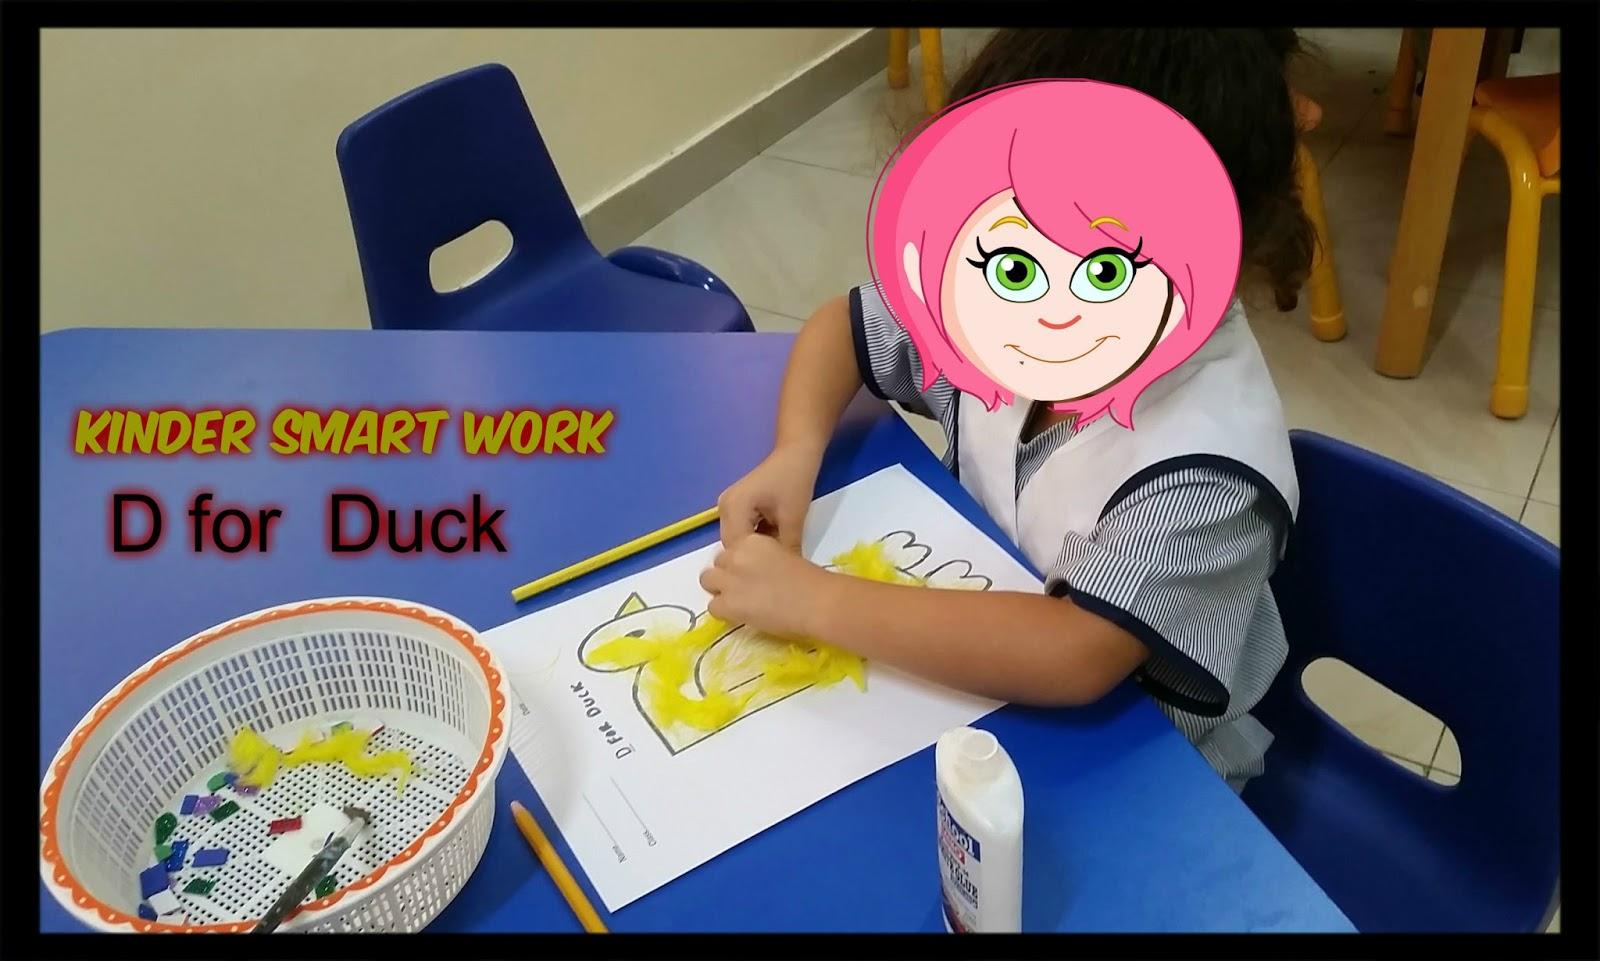 Kinder Smart Work